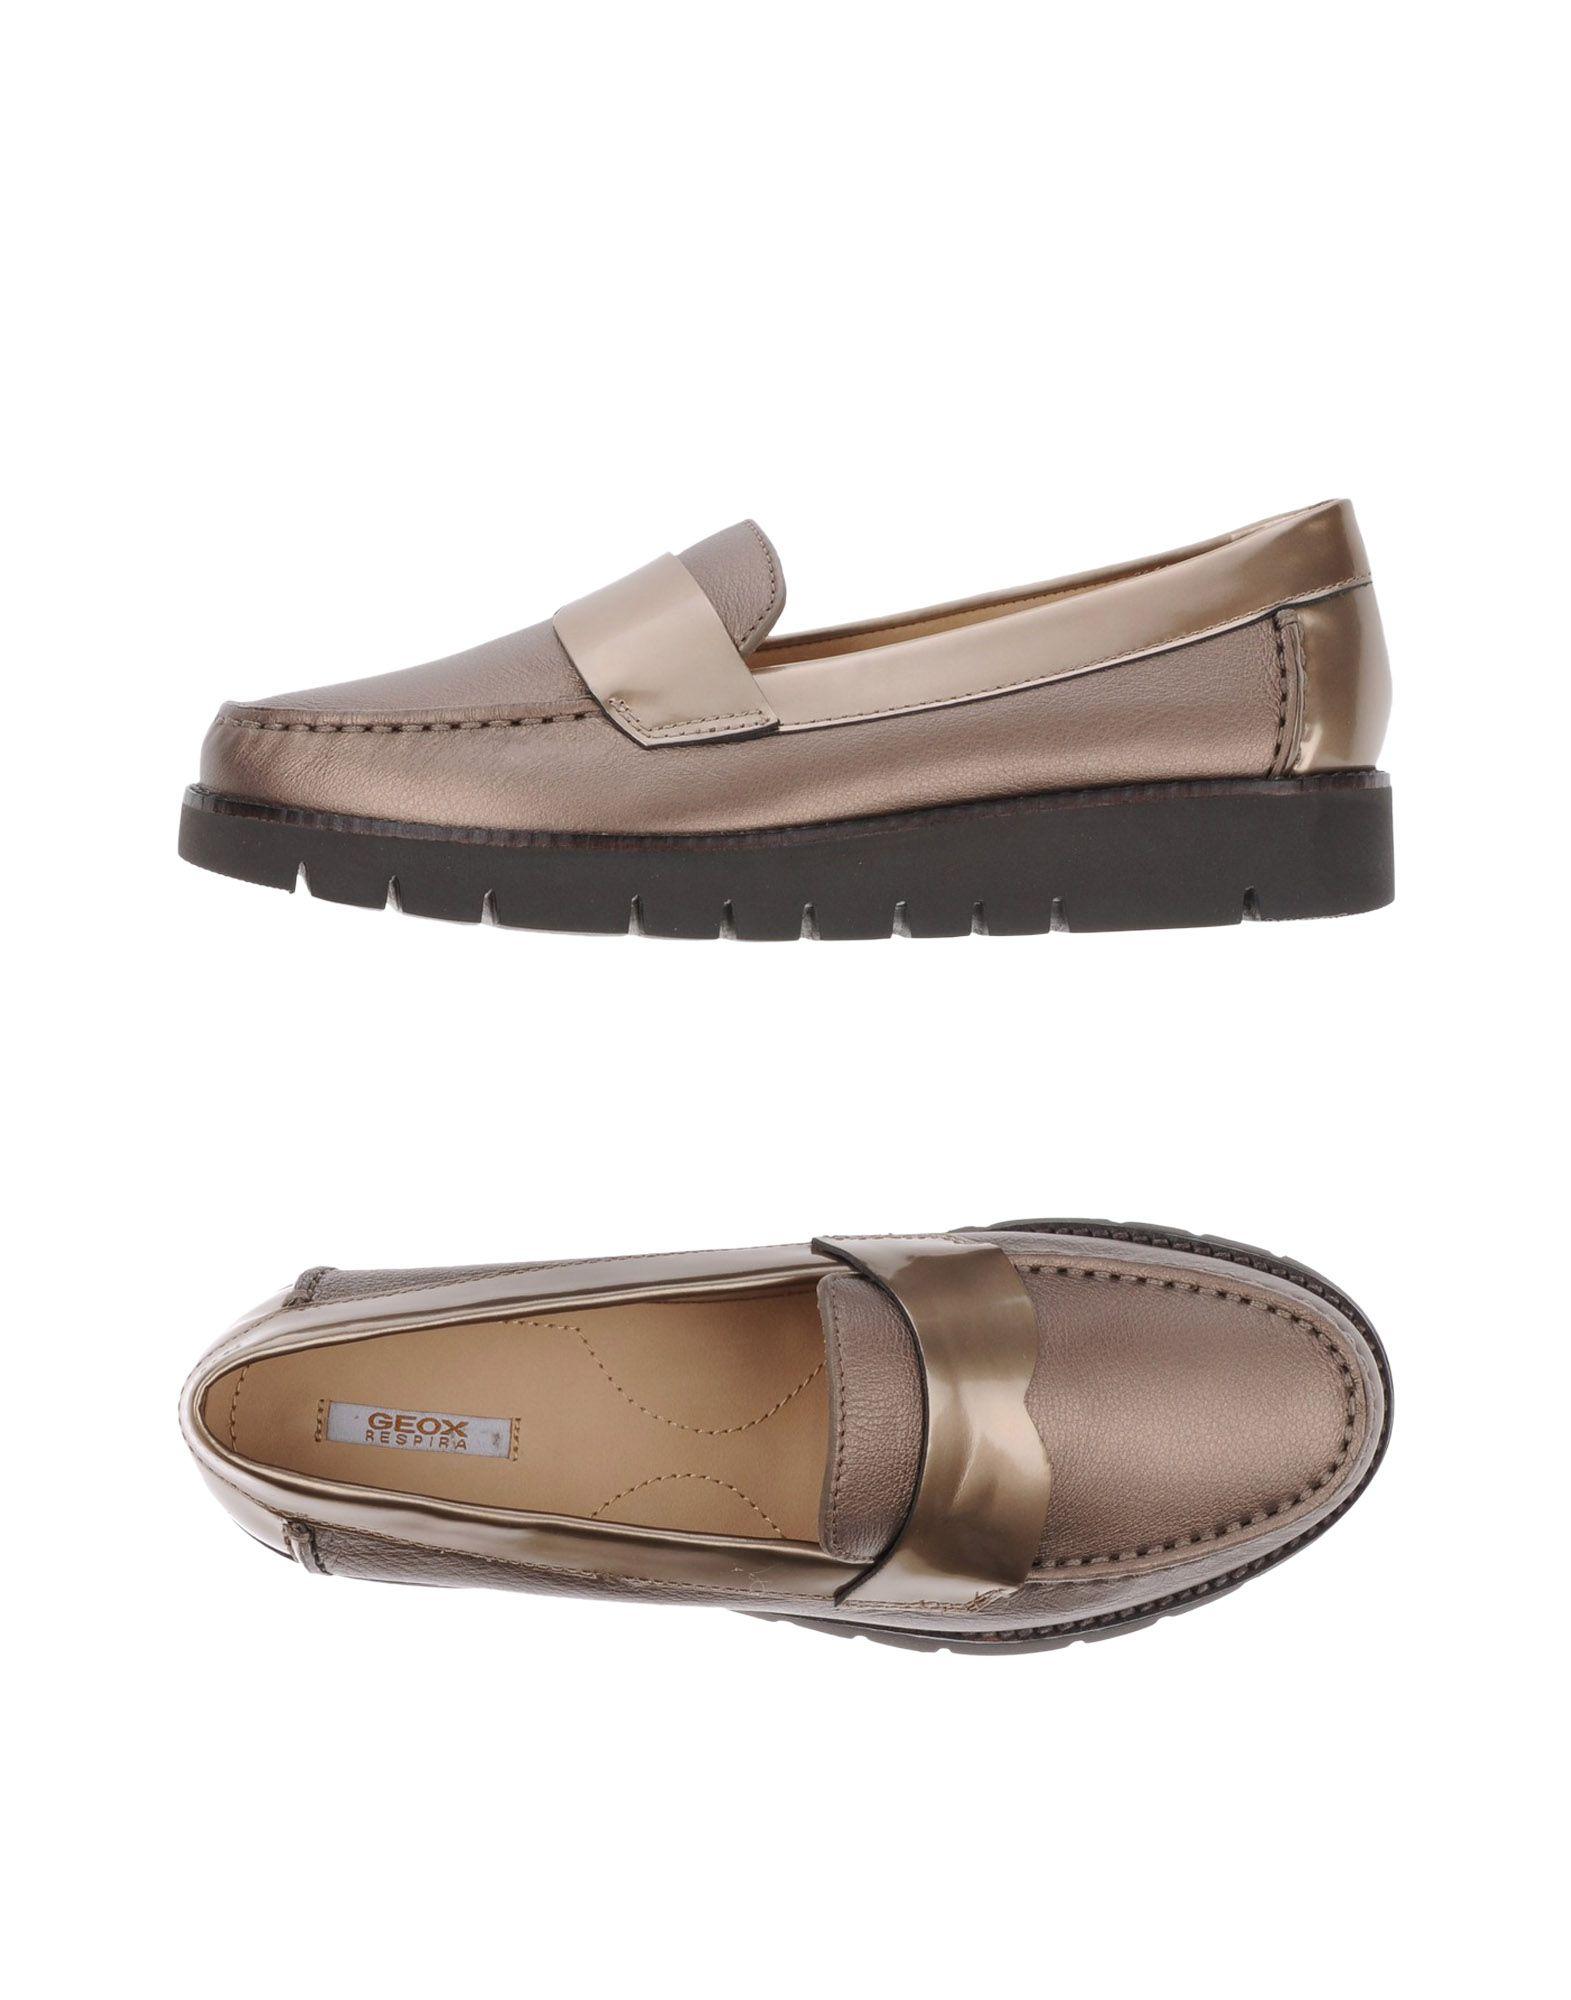 Geox Mokassins Damen  11109221XI Gute Qualität beliebte Schuhe